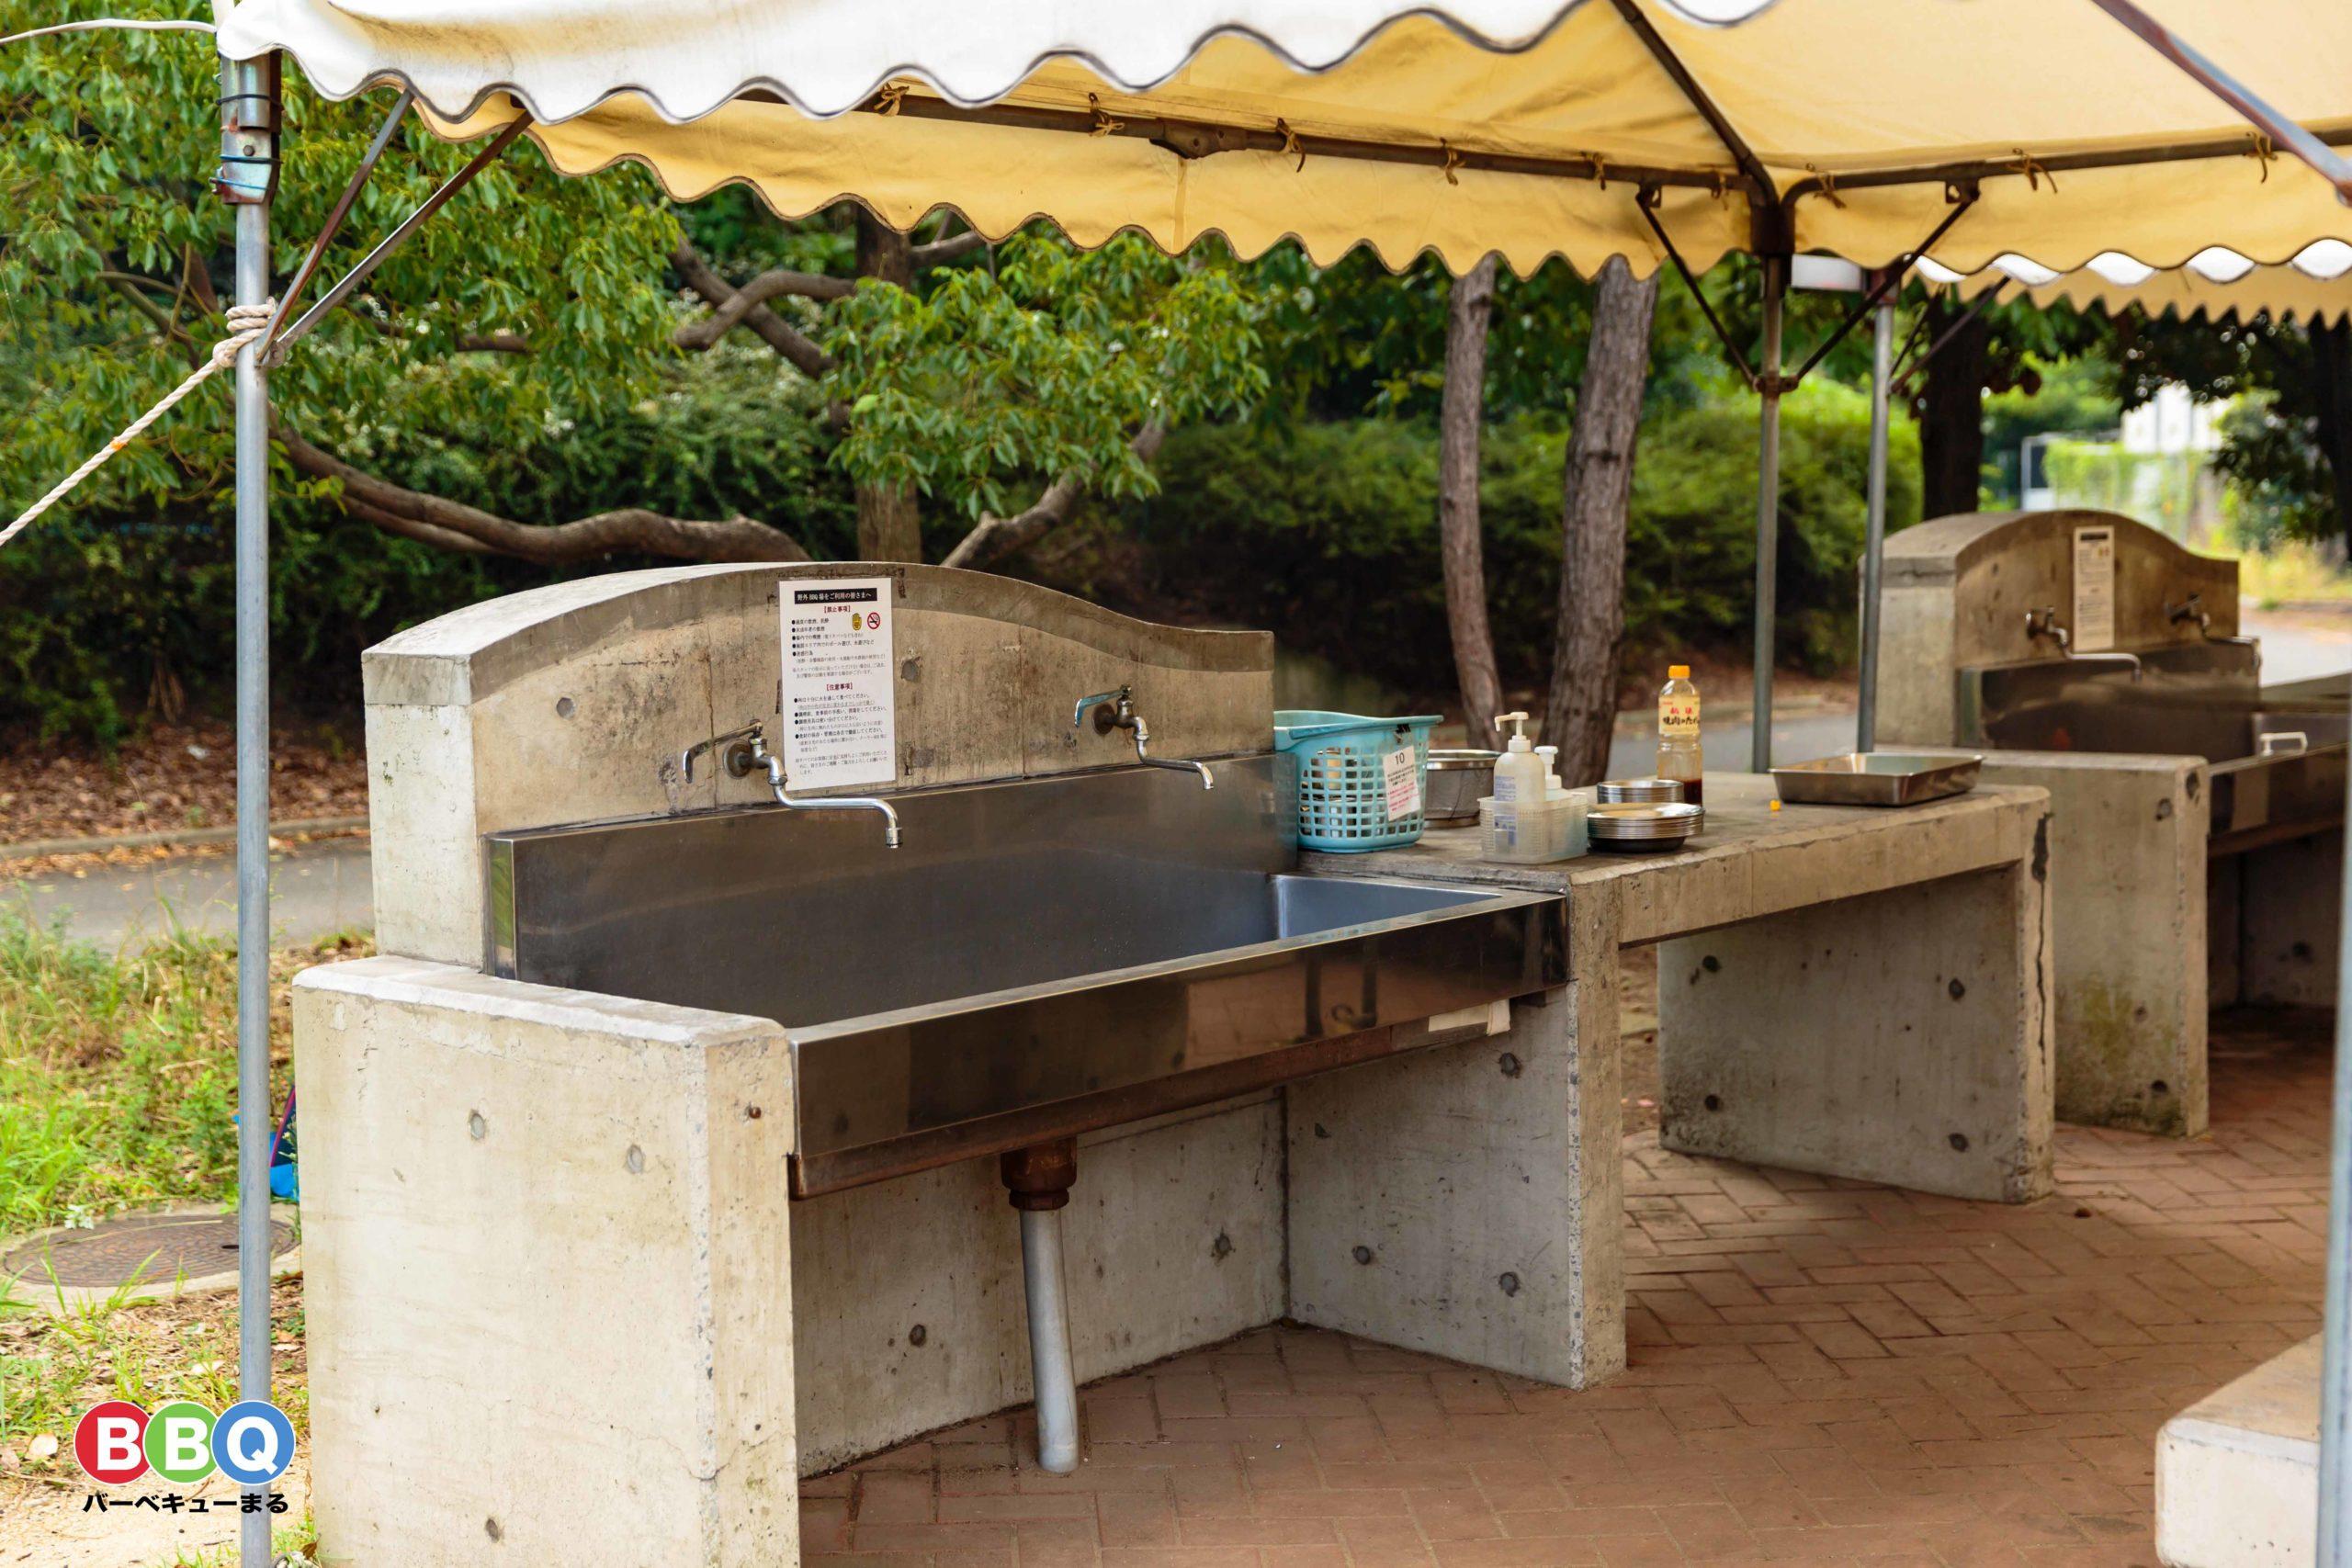 バーベキューガーデン羽衣のテント下サイトの調理台